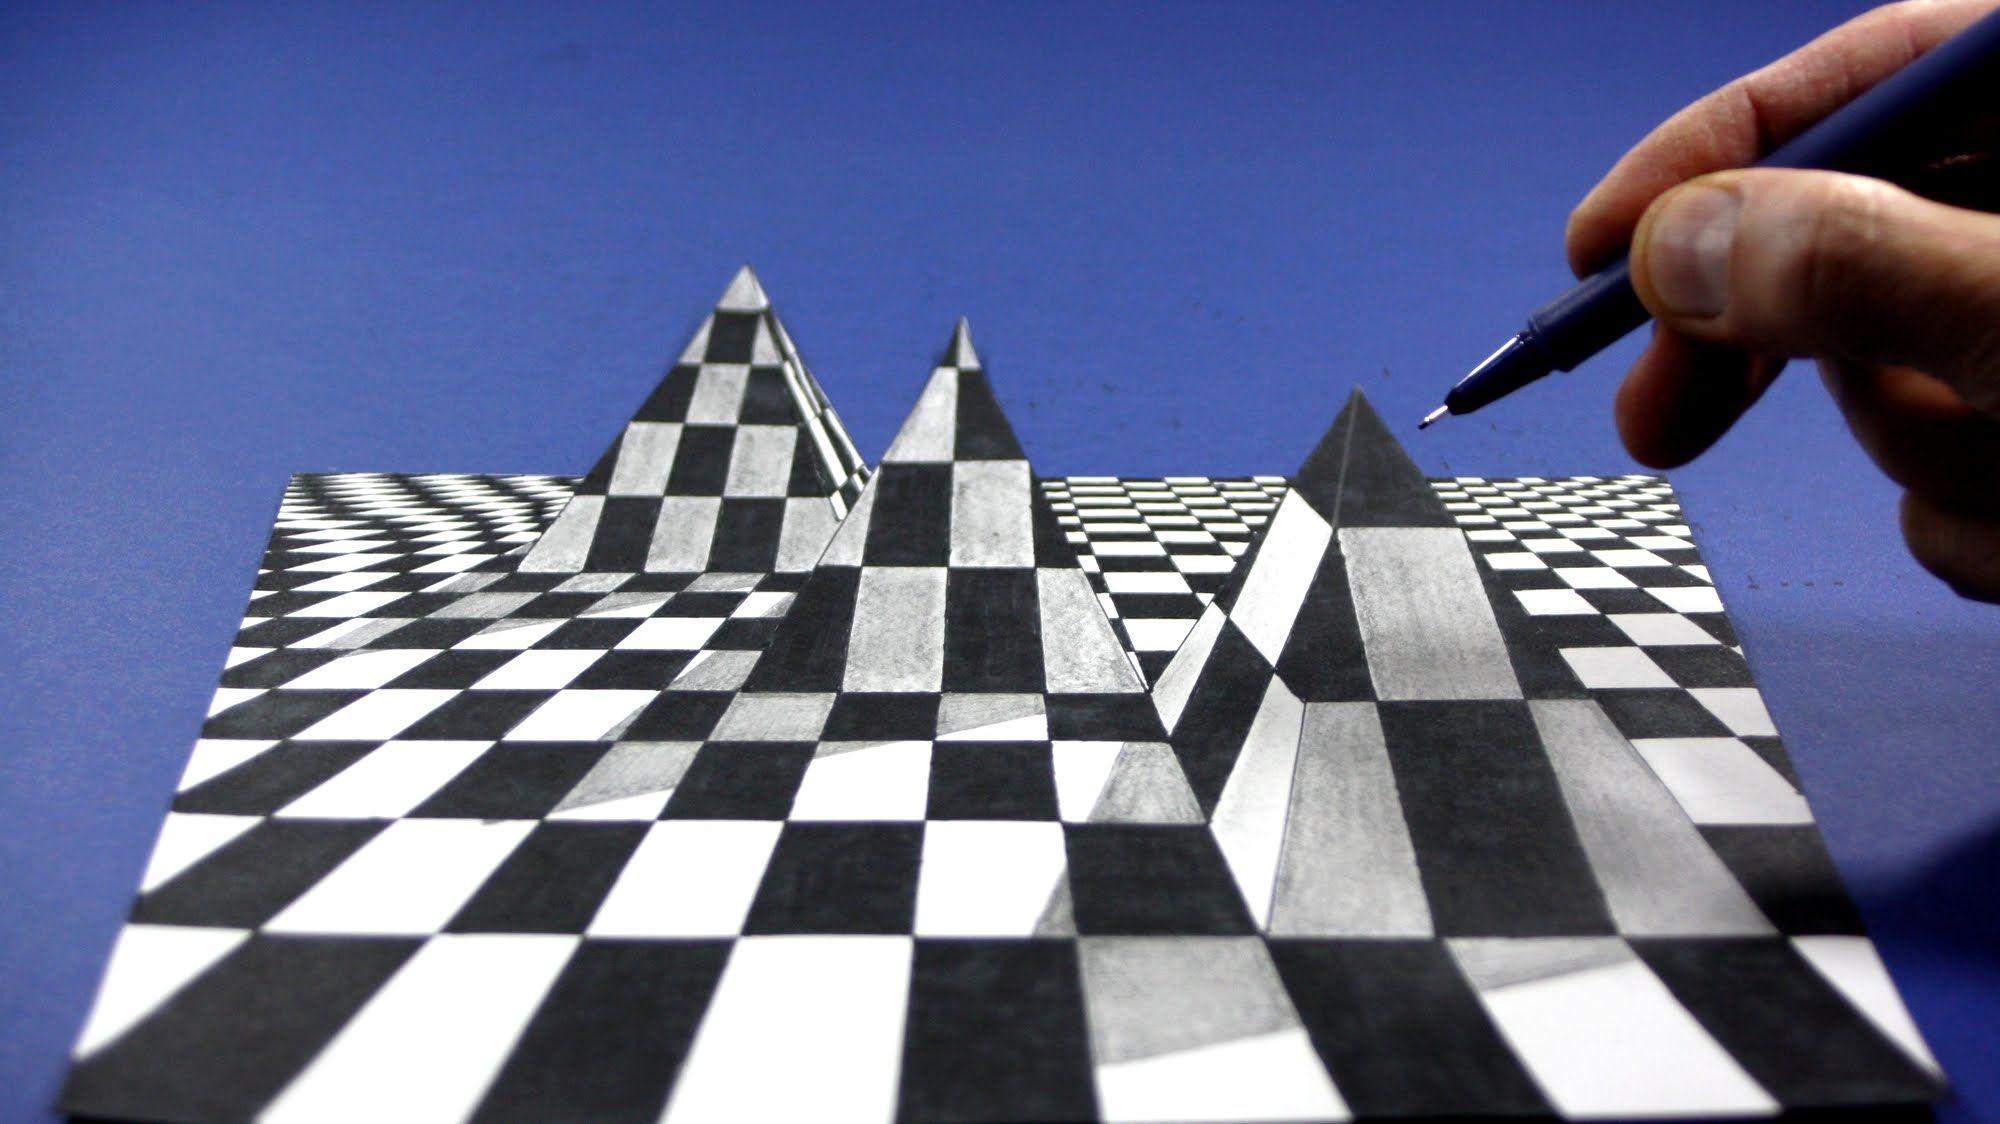 Drawing 3d Chess Pyramid Visual Illusion Visual Illusion